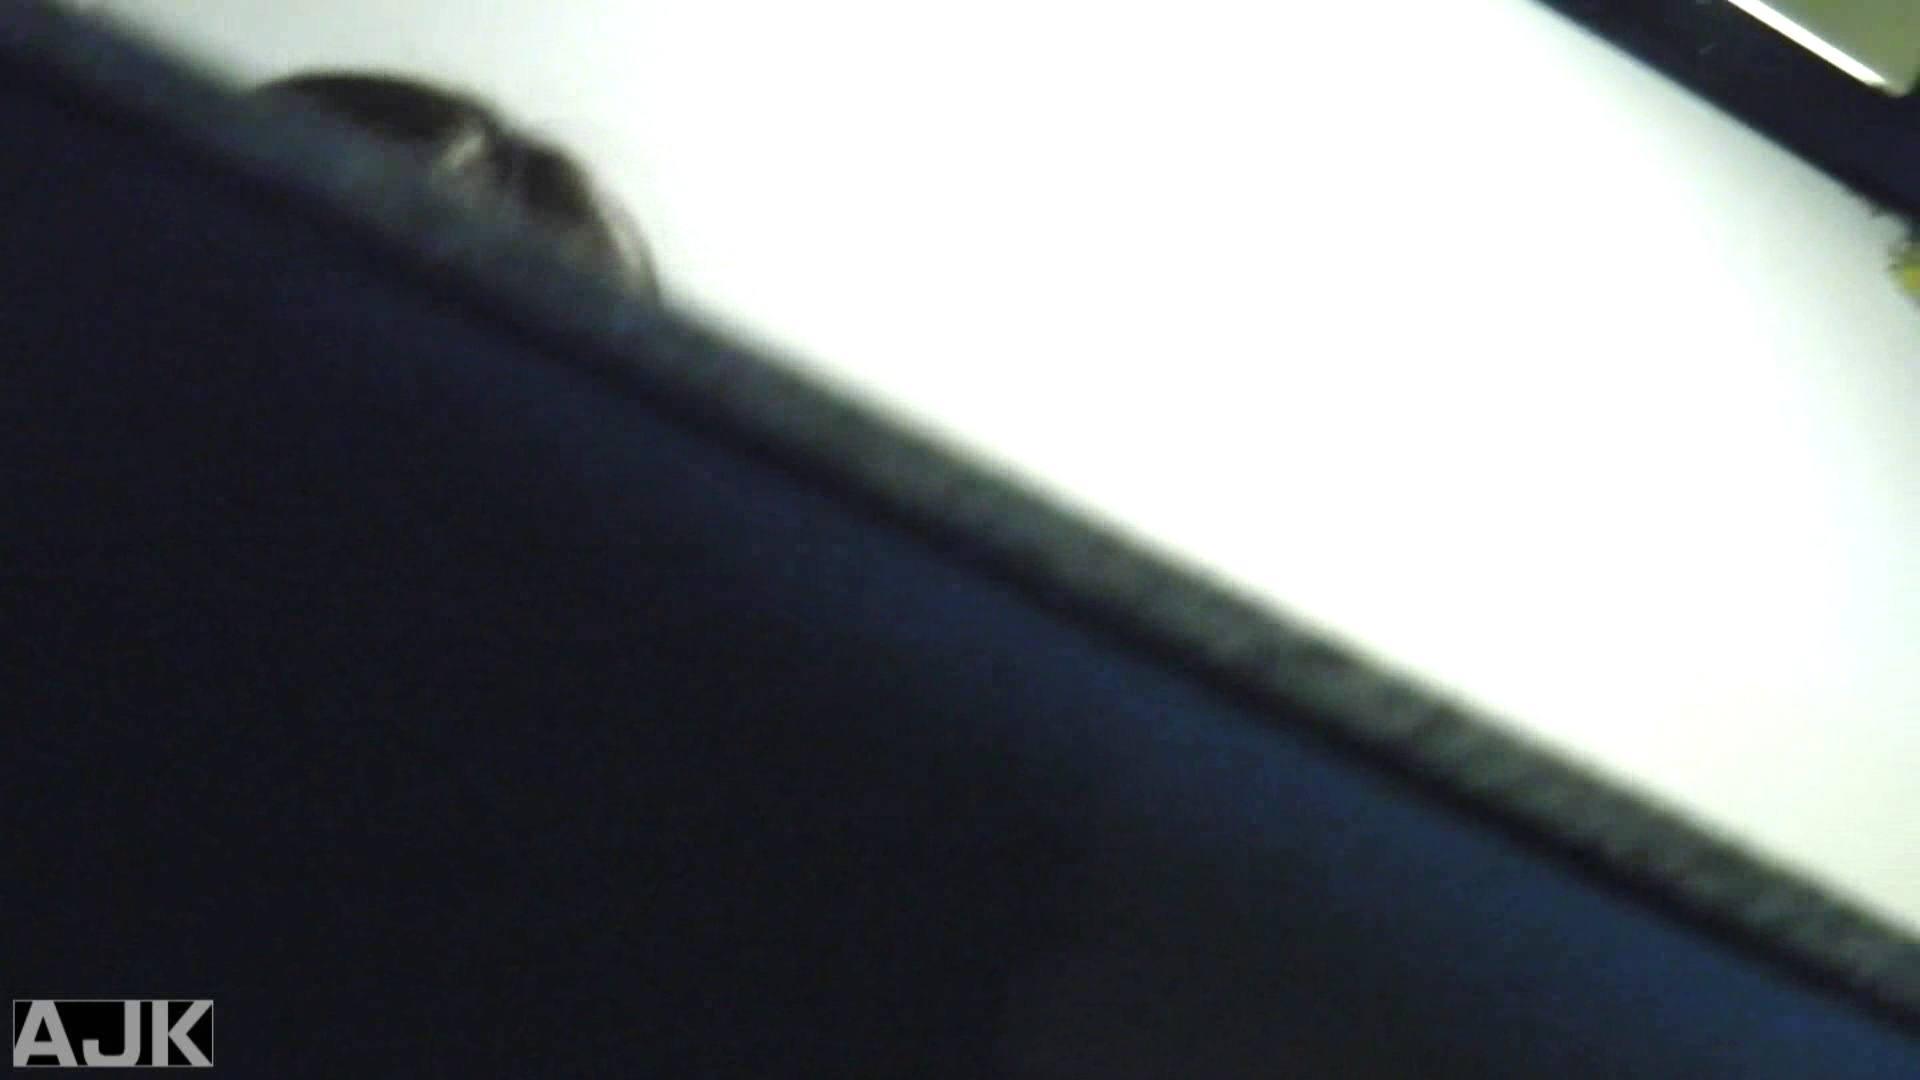 神降臨!史上最強の潜入かわや! vol.23 マンコエロすぎ おまんこ無修正動画無料 75PIX 22